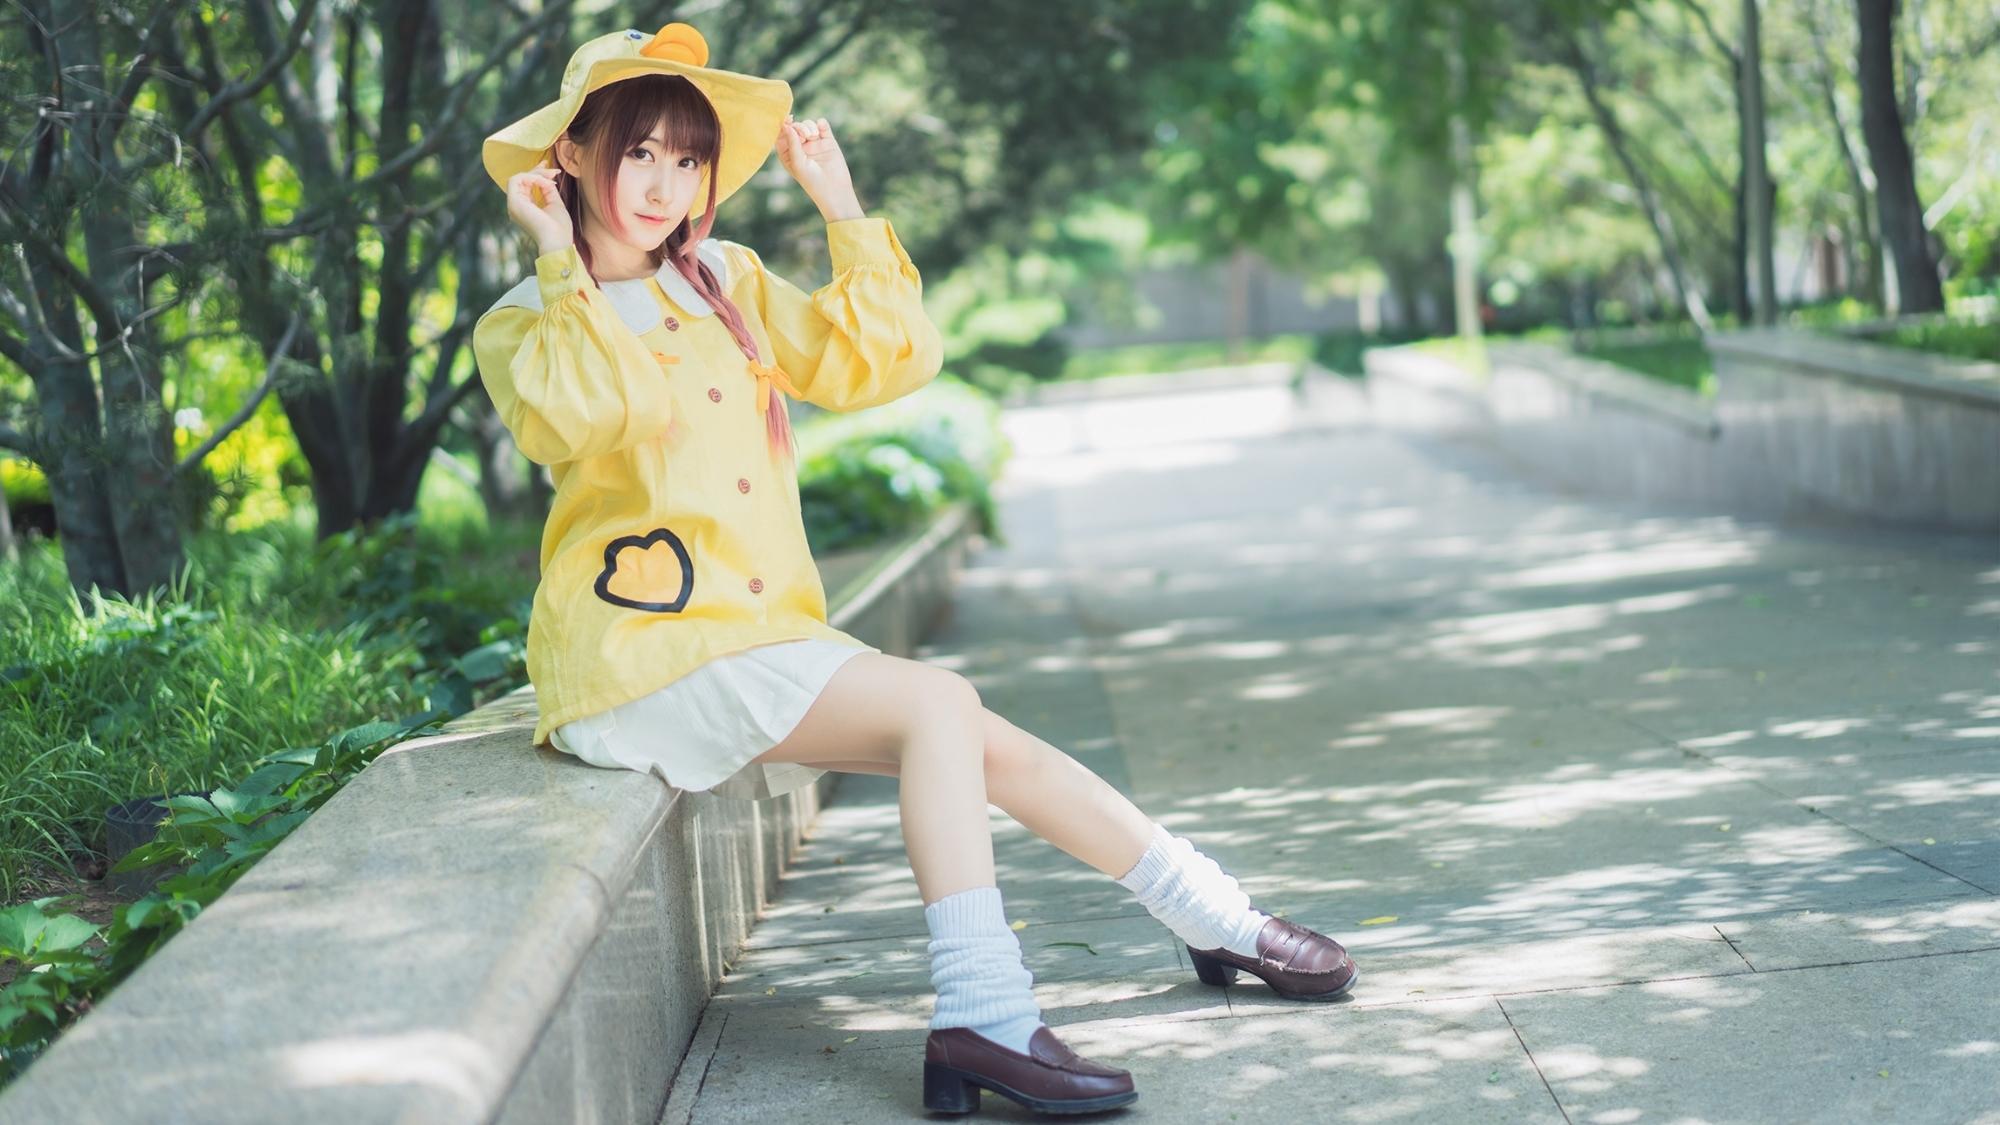 【@小萌】你最最最重要捕捉一只会跳舞的小黄鸭?